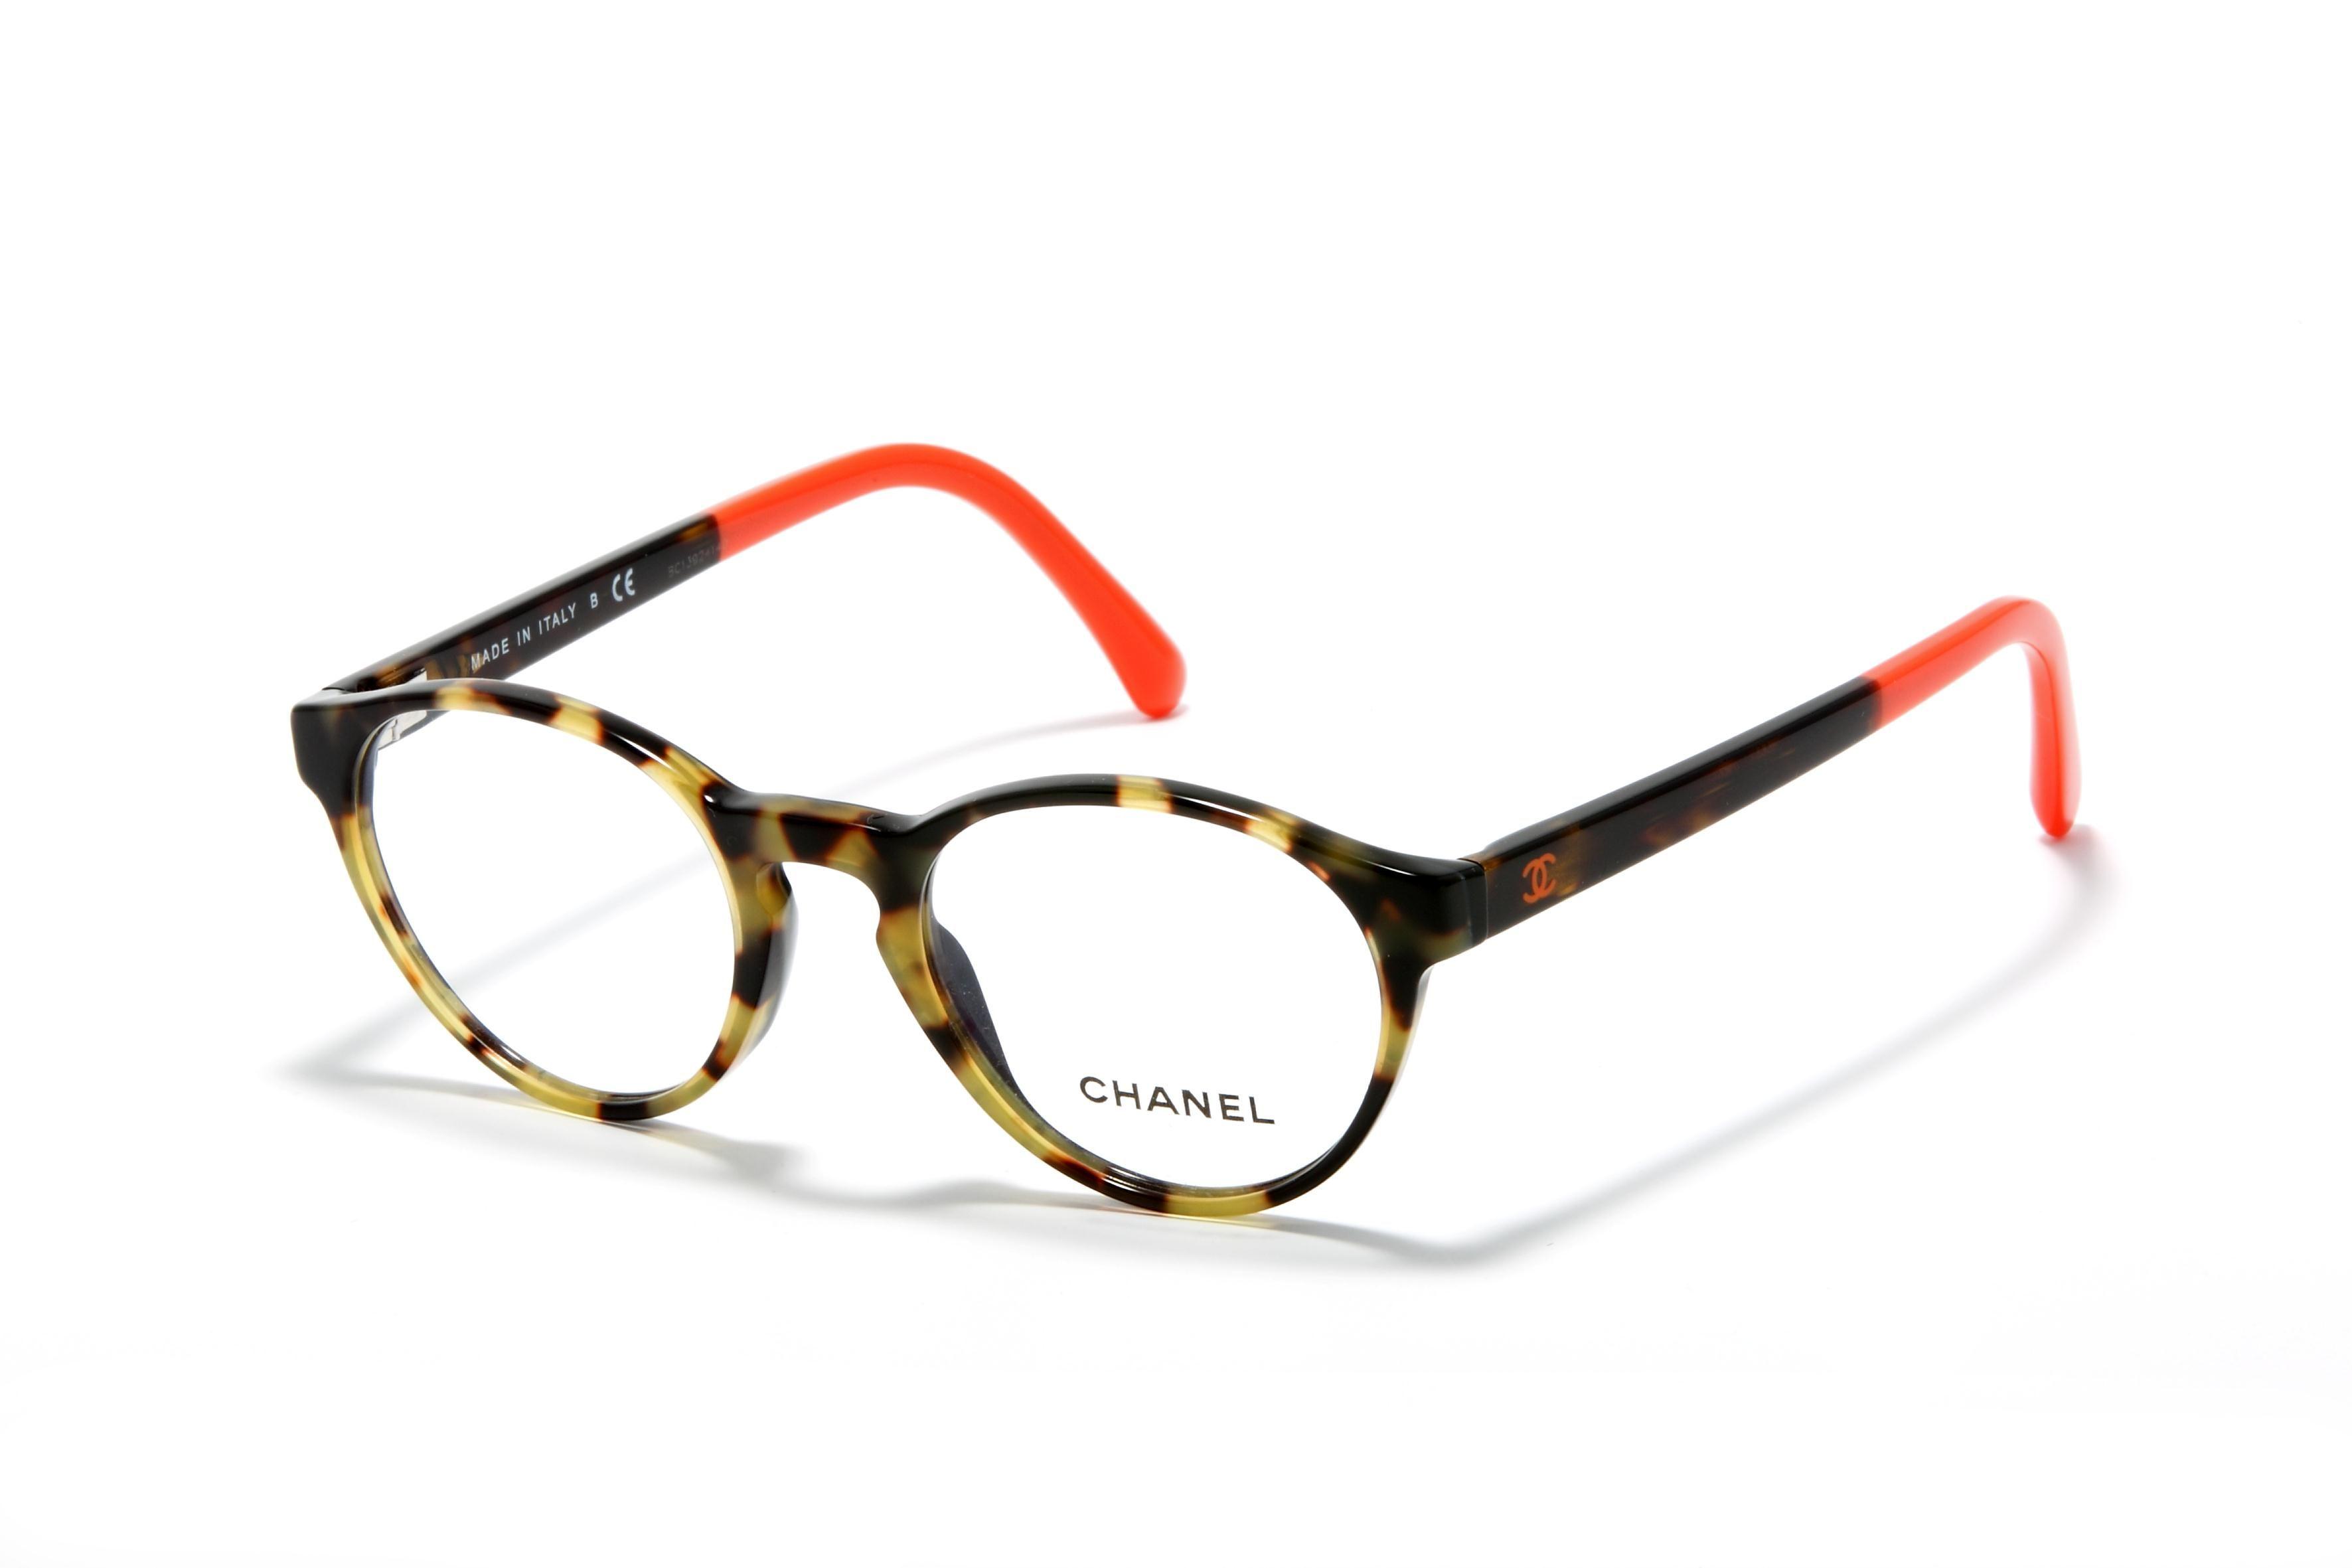 b387a7de8bd233 Lunettes Chanel 3231 - 1335   Stuff to Buy   Pinterest   Glasses ...